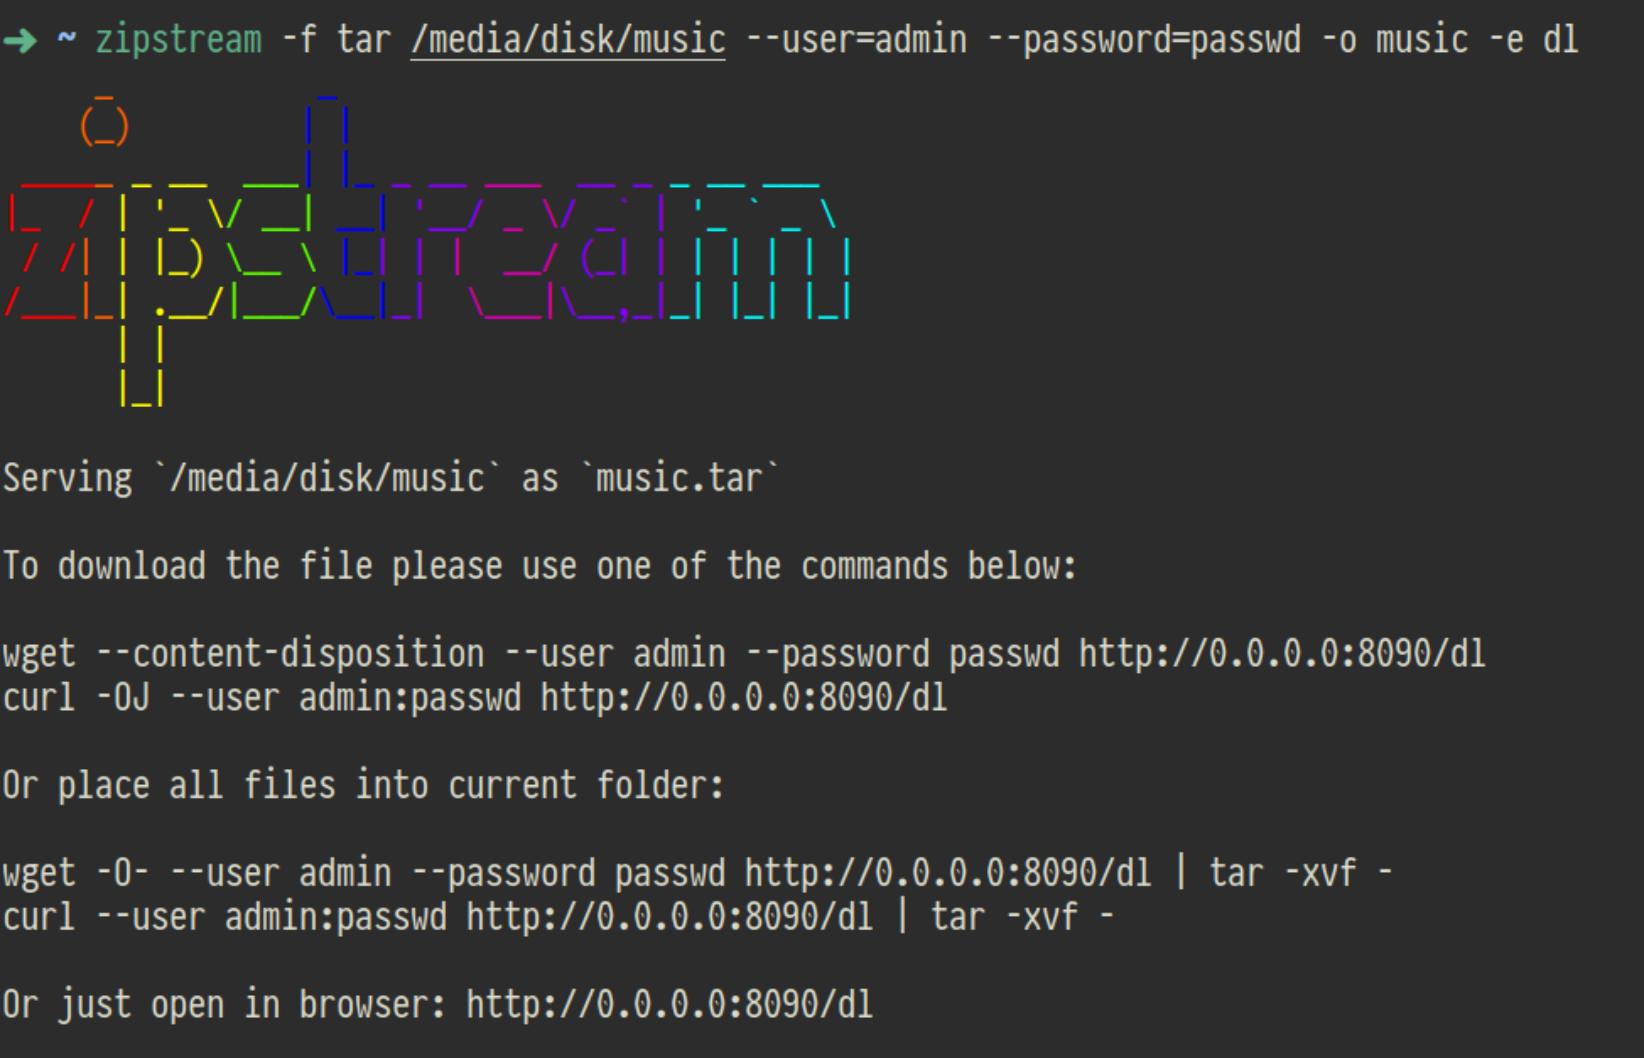 como-instalar-o-zipstream-um-aplicativo-para-compartilhar-arquivos-e-diretorios-na-rede-no-ubuntu-linux-mint-fedora-debian